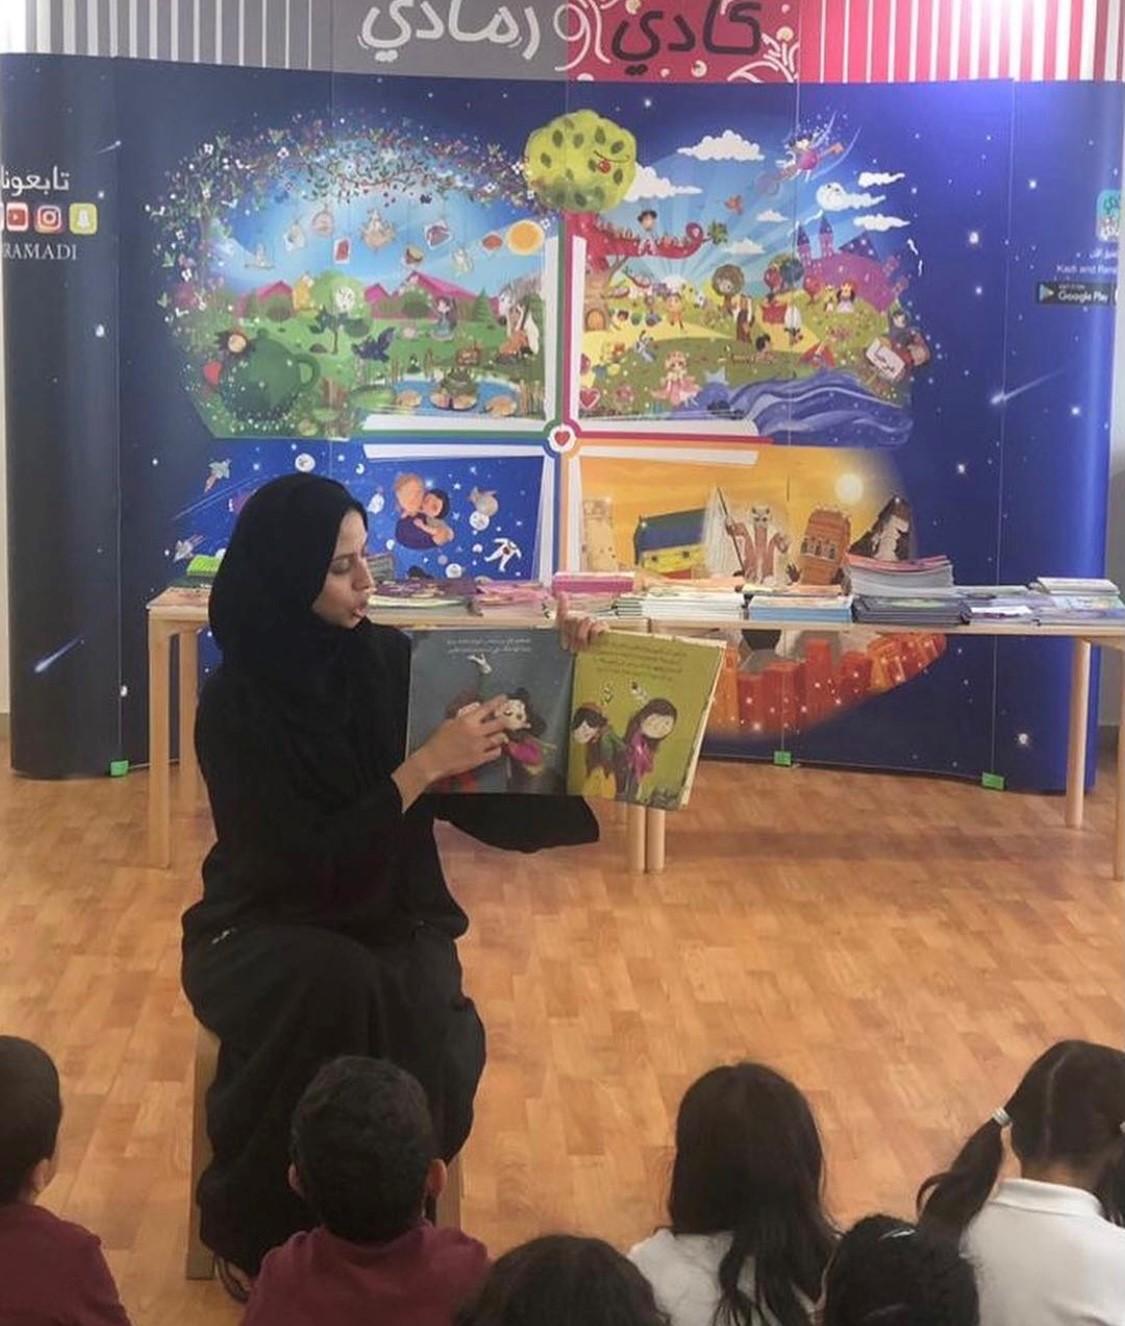 سعدنا بزيارتنا لمدارس جدة وبتفاعل طلابهم مع القراءات القصصة للكاتبات👌🏼 وشكر من القلب لكاتبة قصة قبعةبطل رند صابر وكاتبة قصة على رأسه ريشة البتول